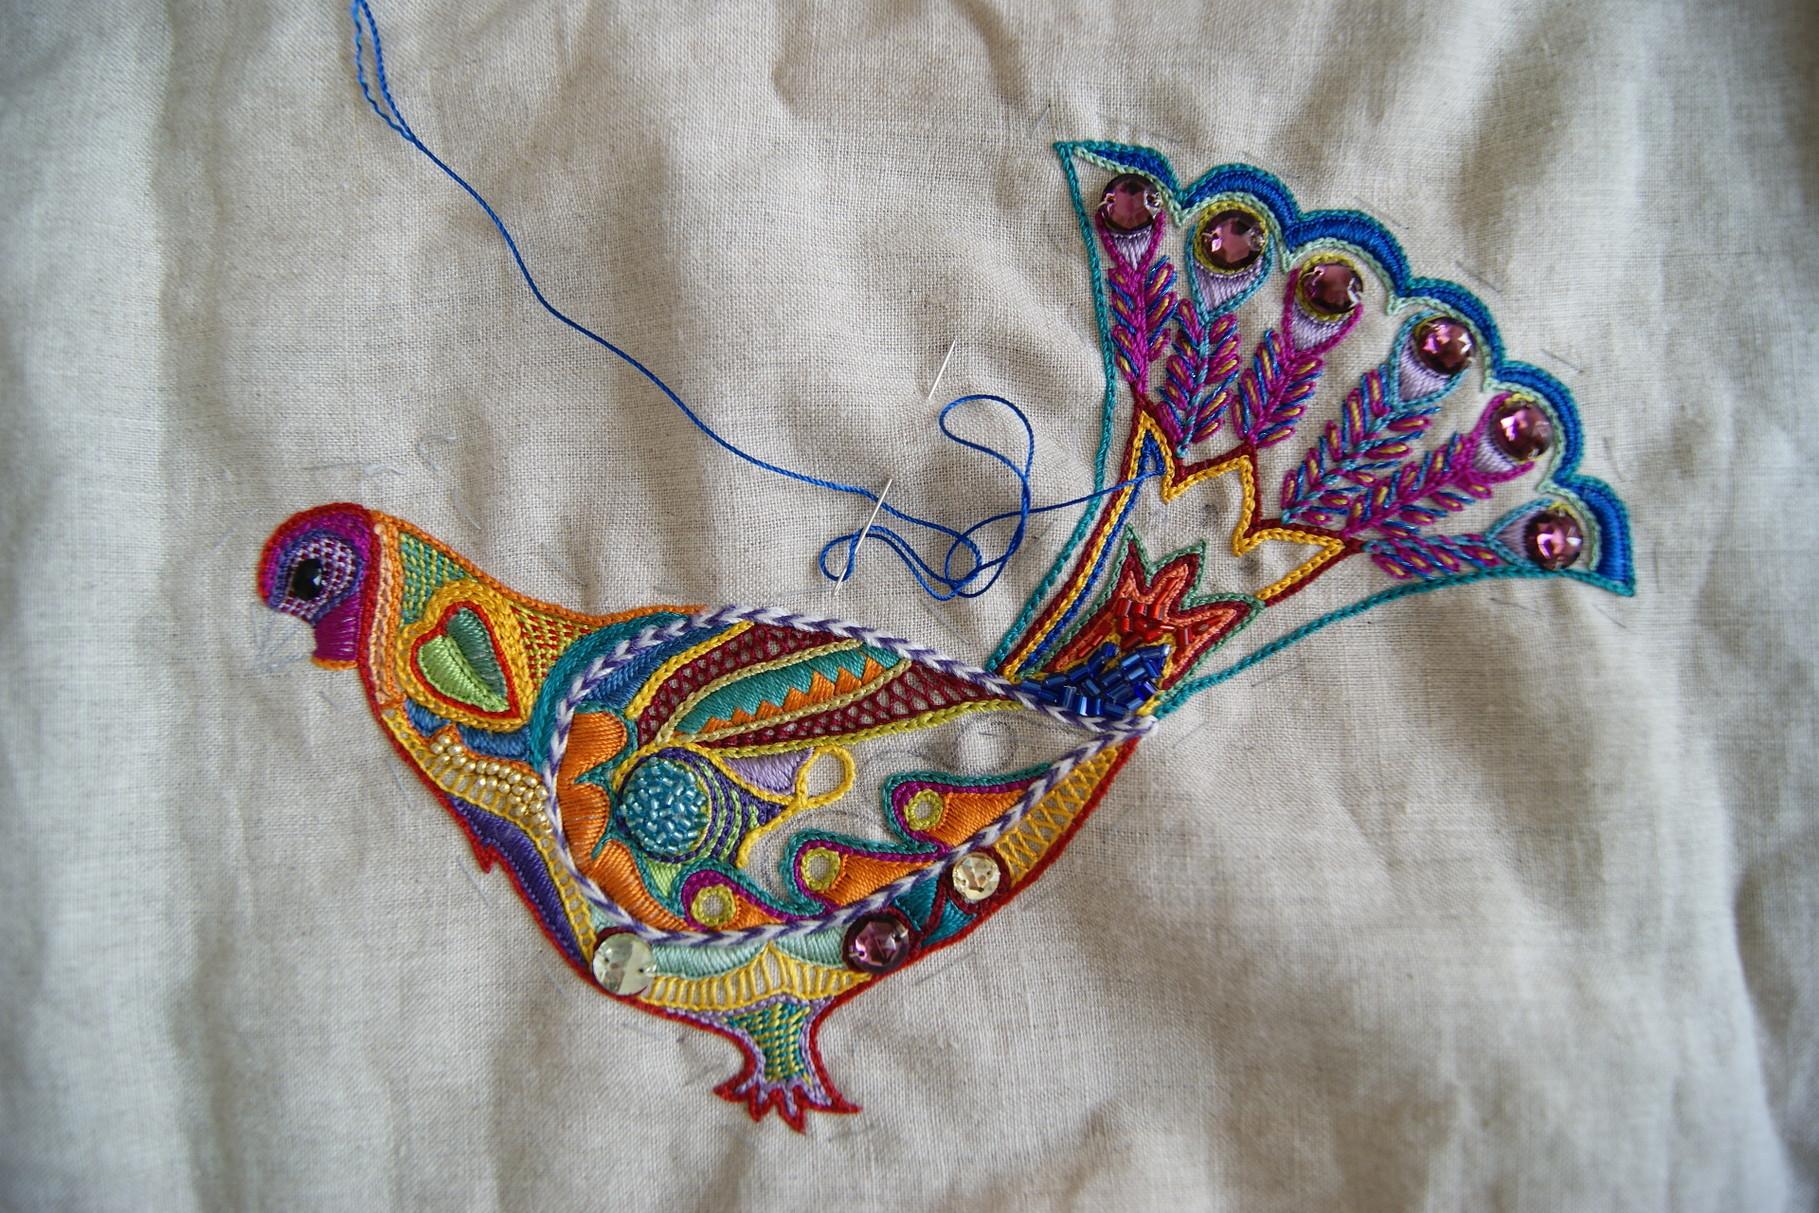 oiseau central brodé en premier sur une pièce de lin à part.